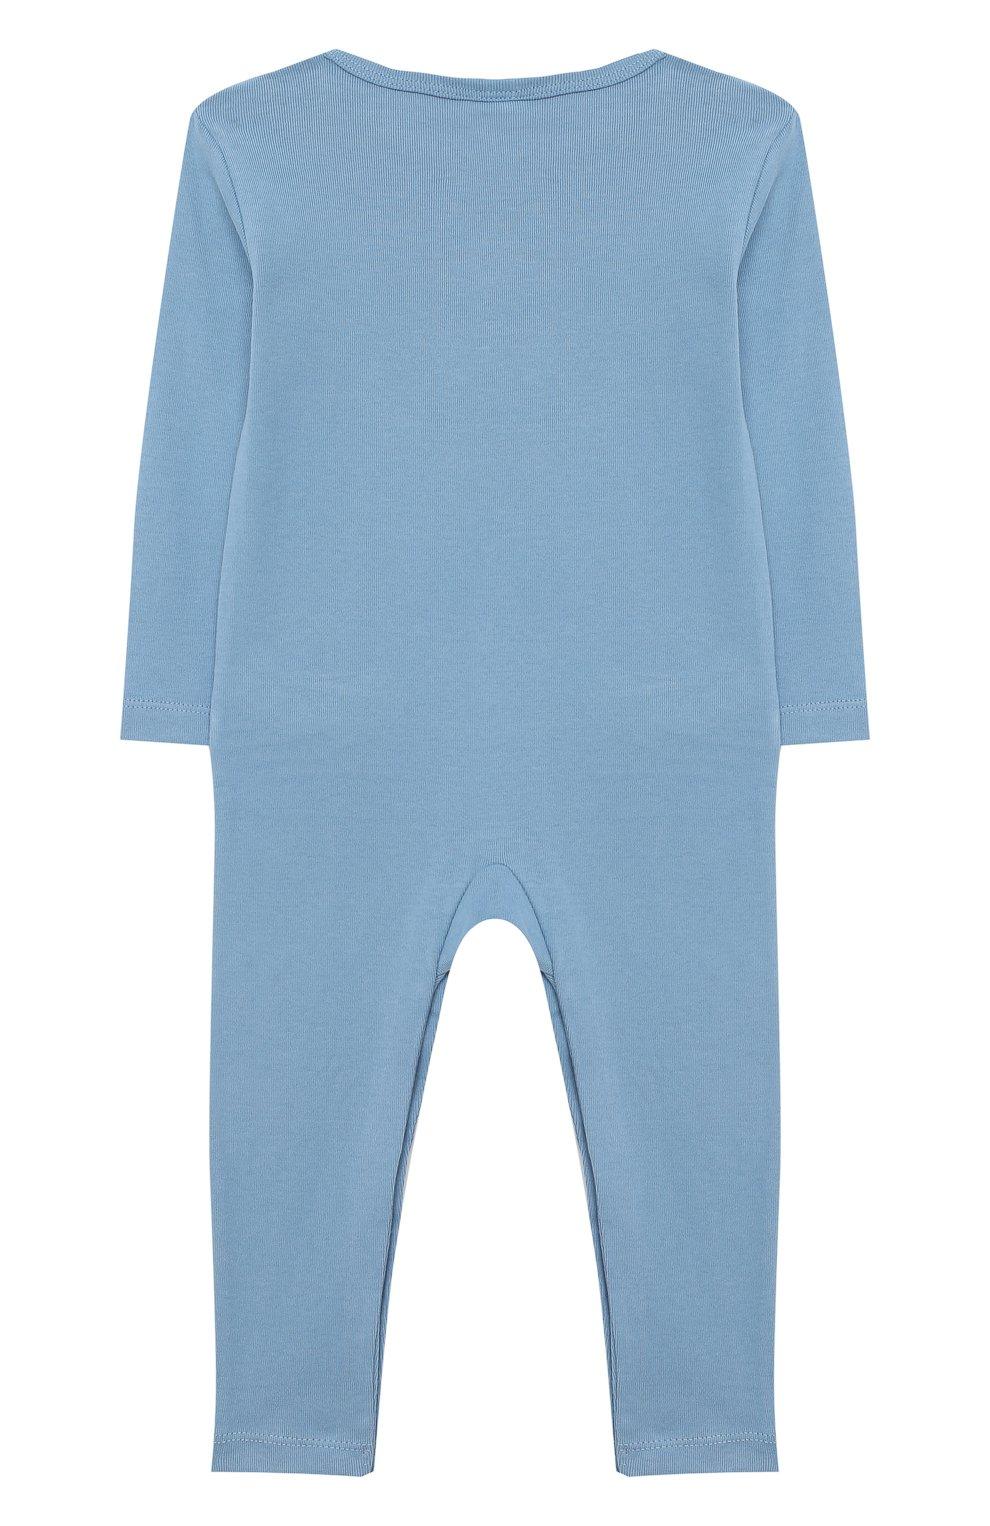 Детский комплект из двух комбинезонов STELLA MCCARTNEY голубого цвета, арт. 601489/SPJ10 | Фото 6